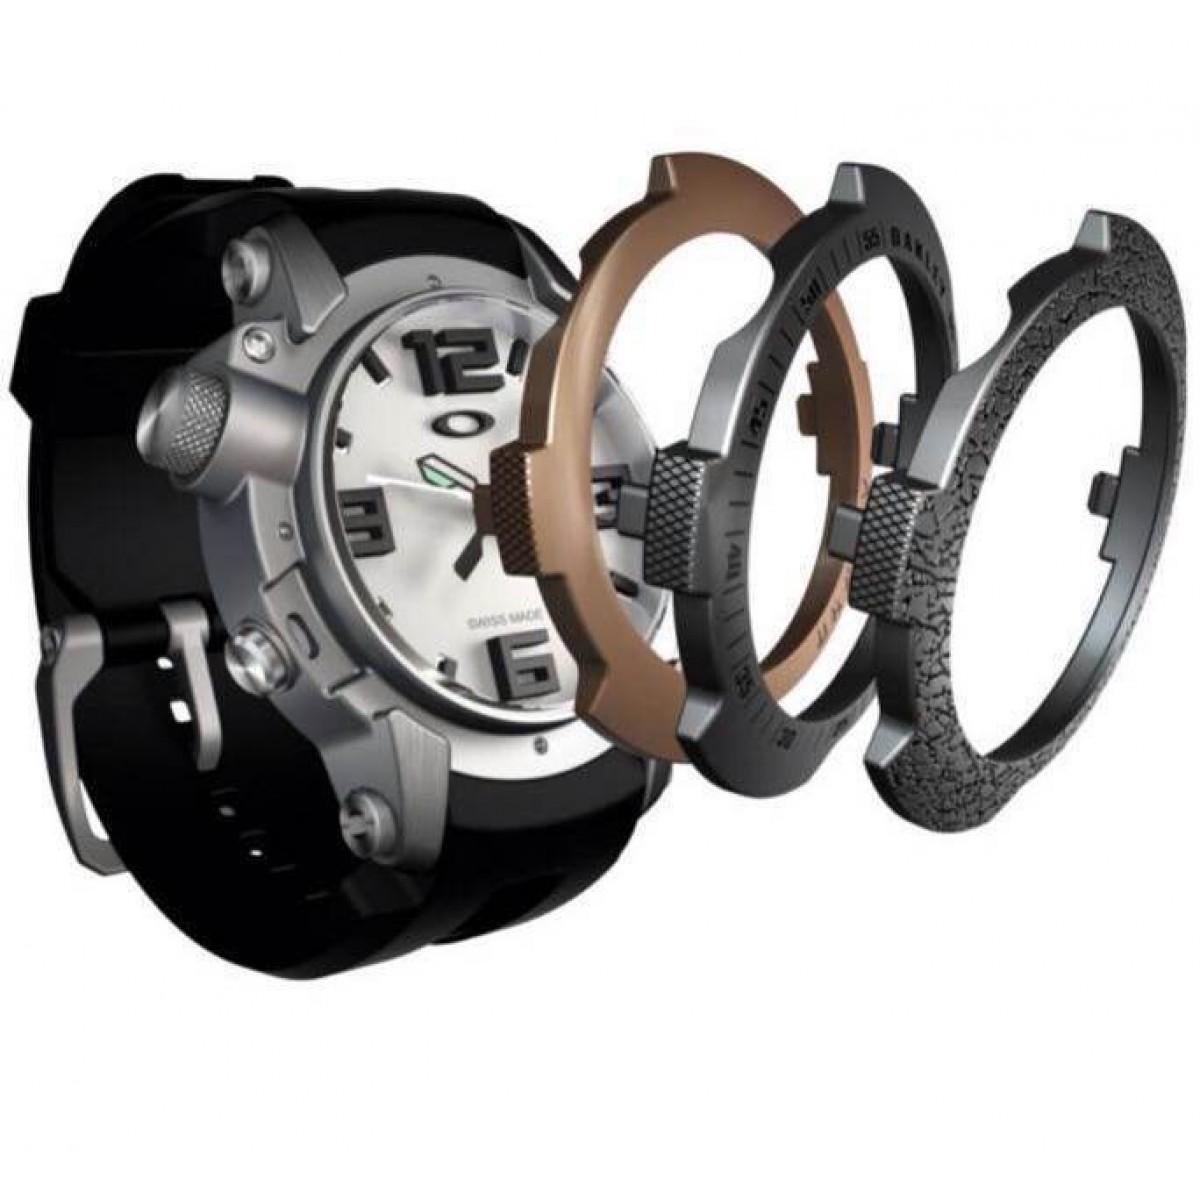 bf04f397f27 Relógio Réplica Oakley ( Lançamento )